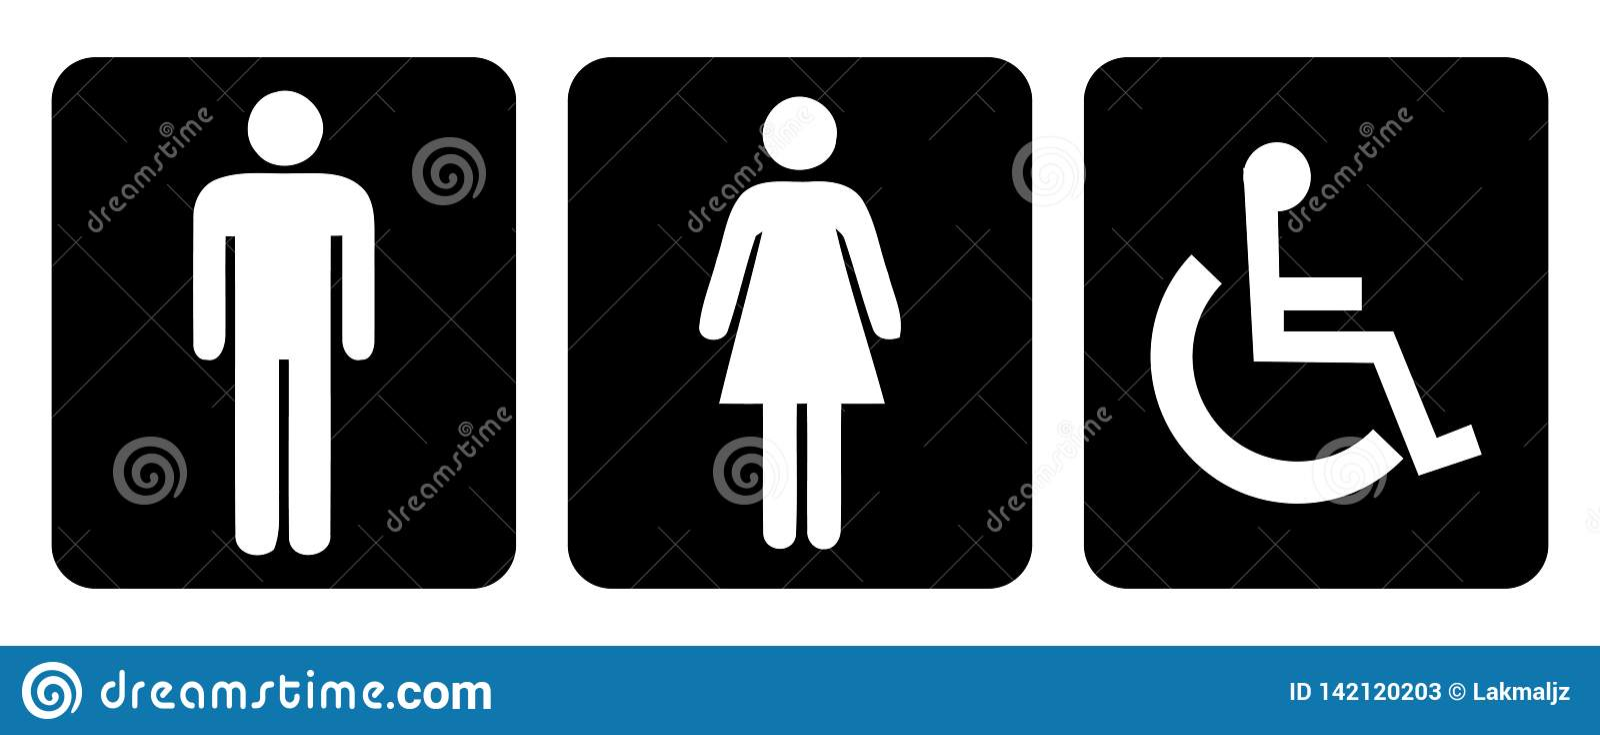 Símbolo da sala e do toalete de lavagem no desenho preto do fundo pela ilustração